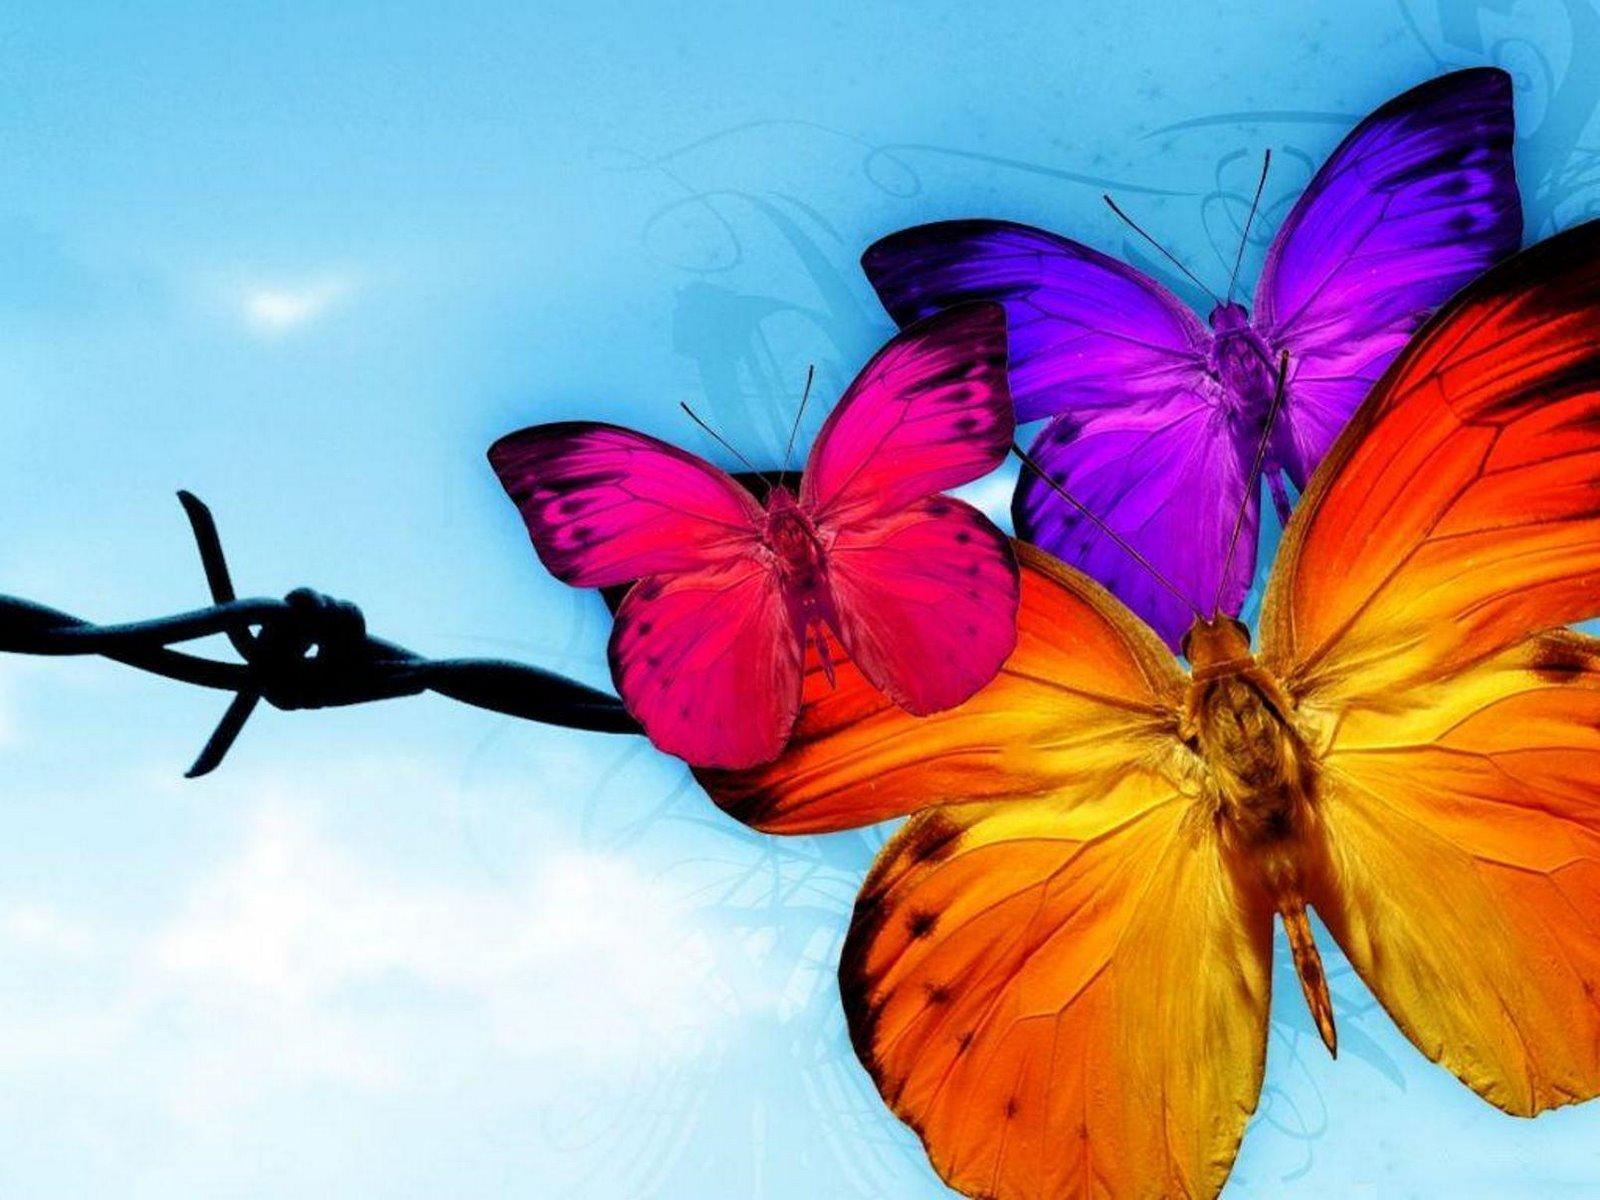 En Güzel HD Kelebek Masaüstü Resimleri